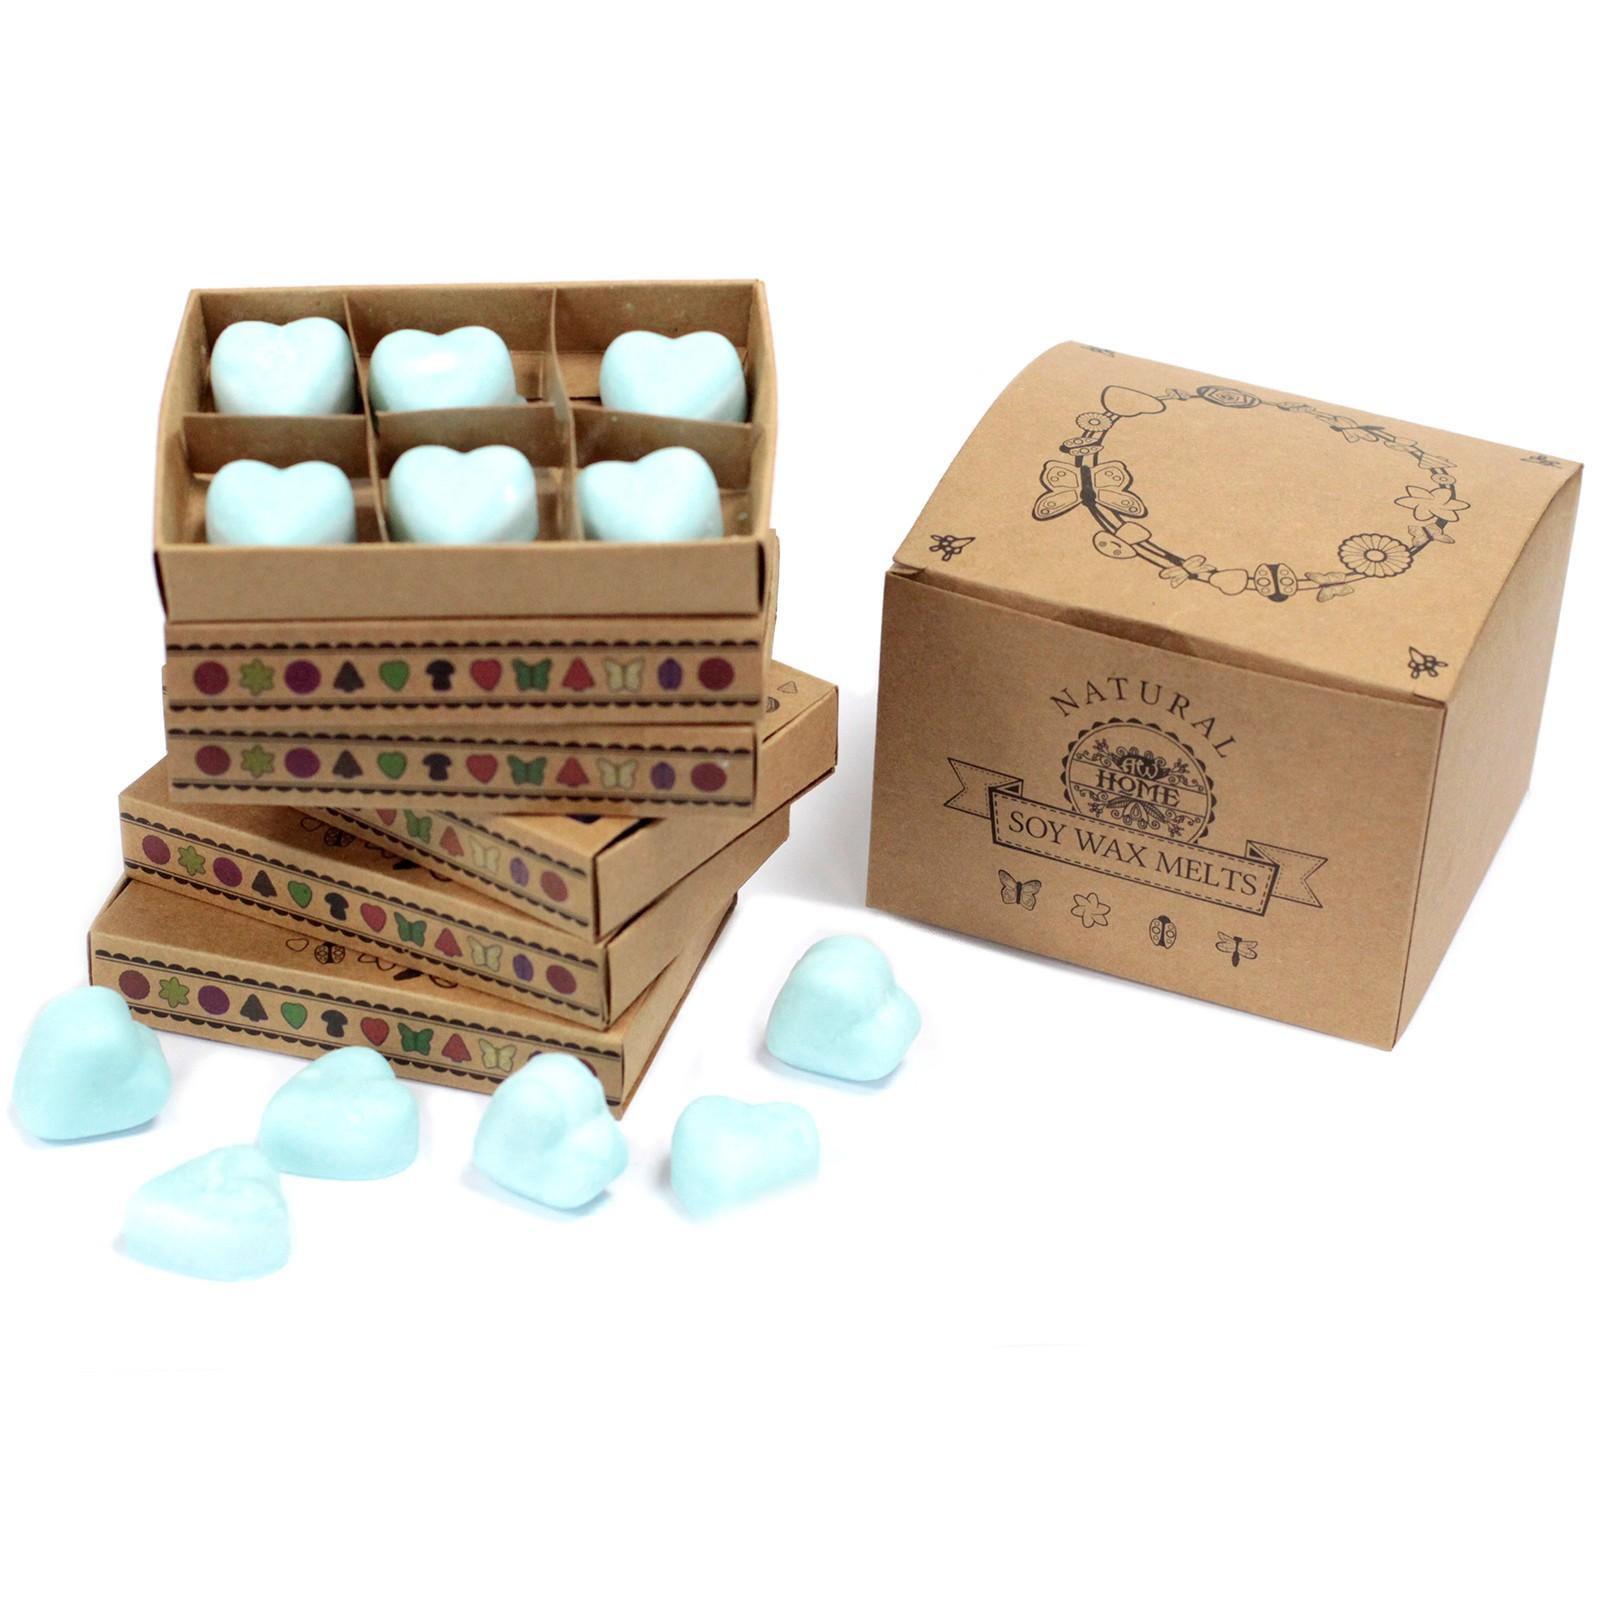 Box of 6 Wax Melts Nagchampa